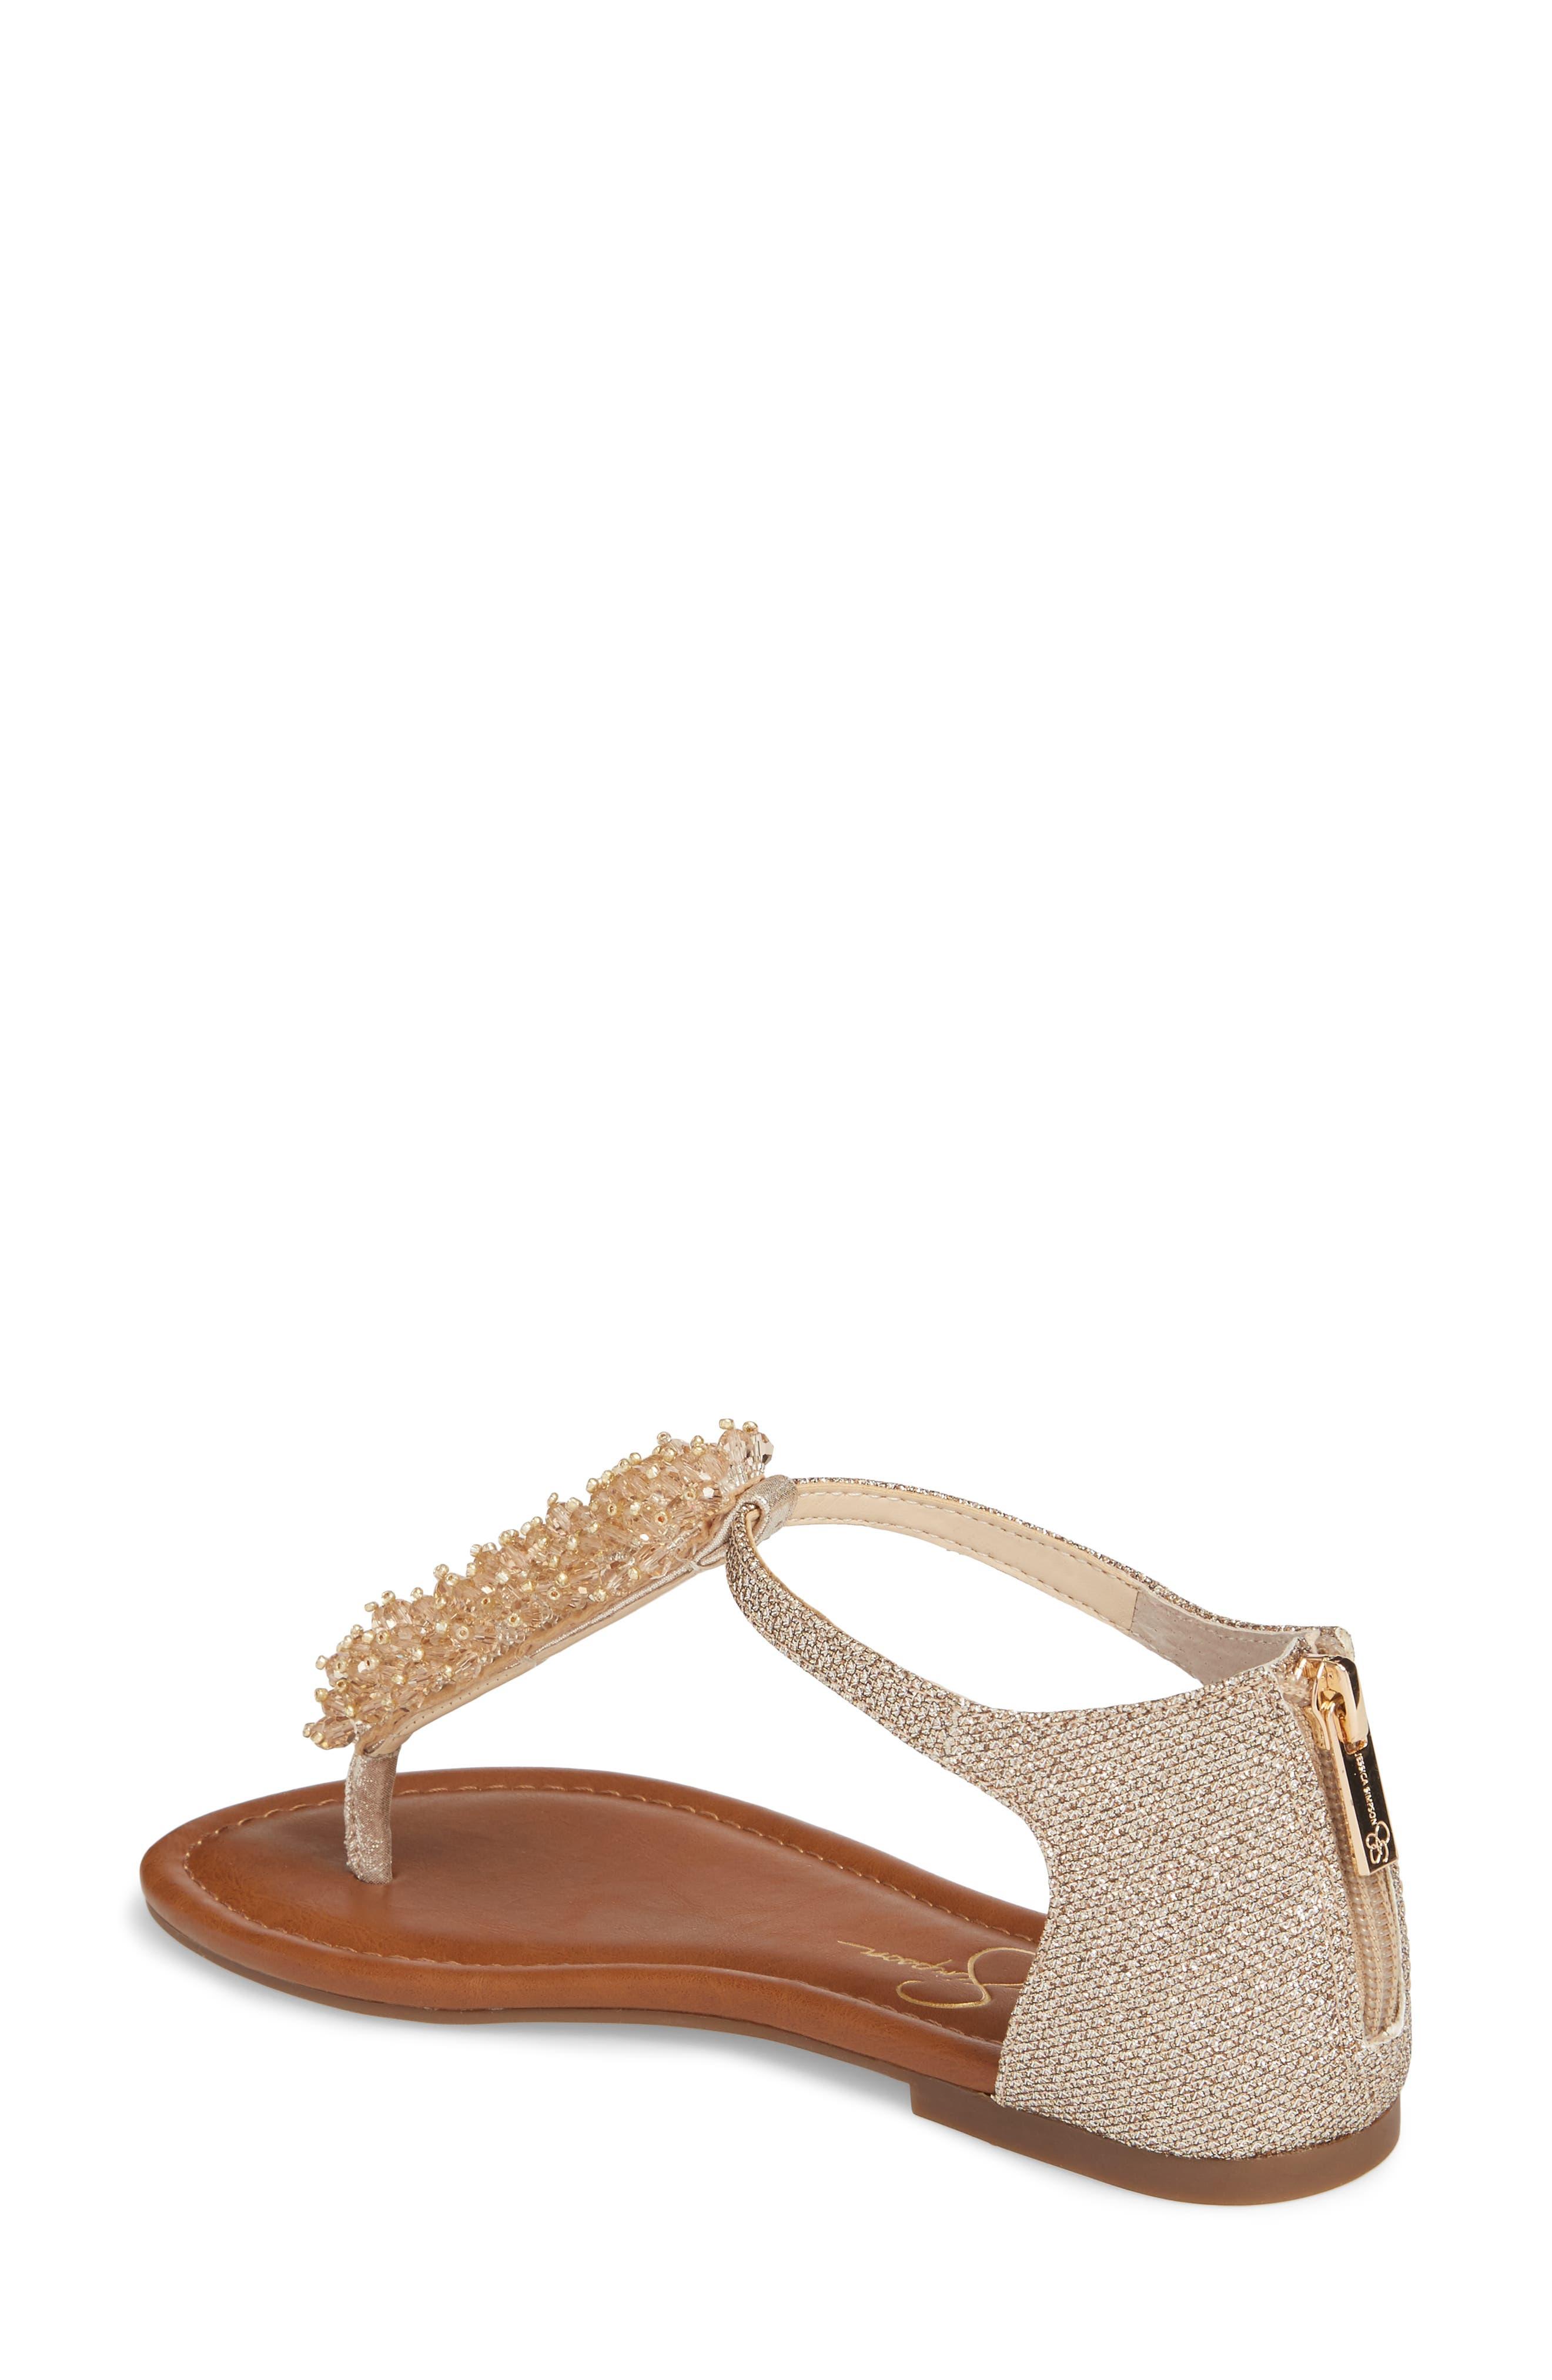 Kenton Crystal Embellished Sandal,                             Alternate thumbnail 2, color,                             Gold